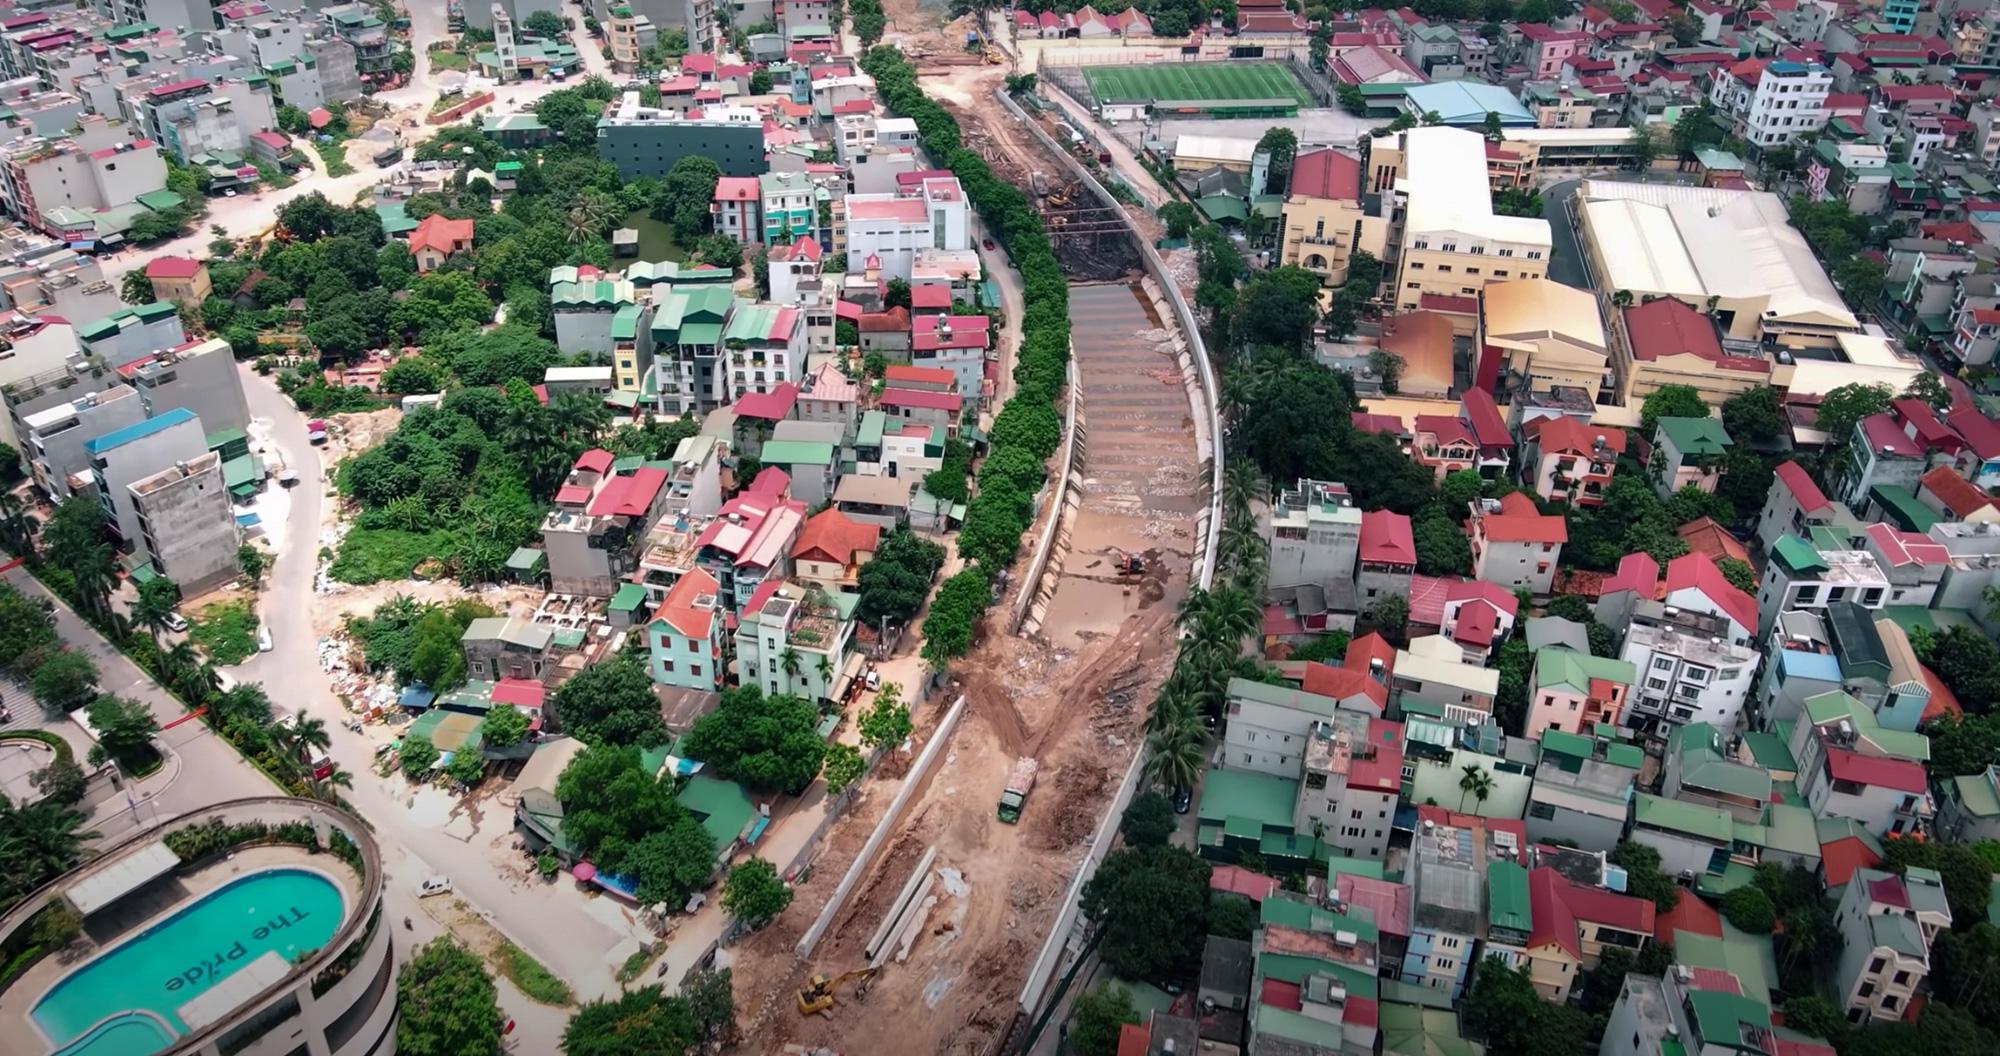 Đại dự án 7.000 tỷ đồng chống ngập cho 6 quận huyện phía Tây TP Hà Nội chậm tiến độ, ngập ngụa trong rác - Ảnh 2.